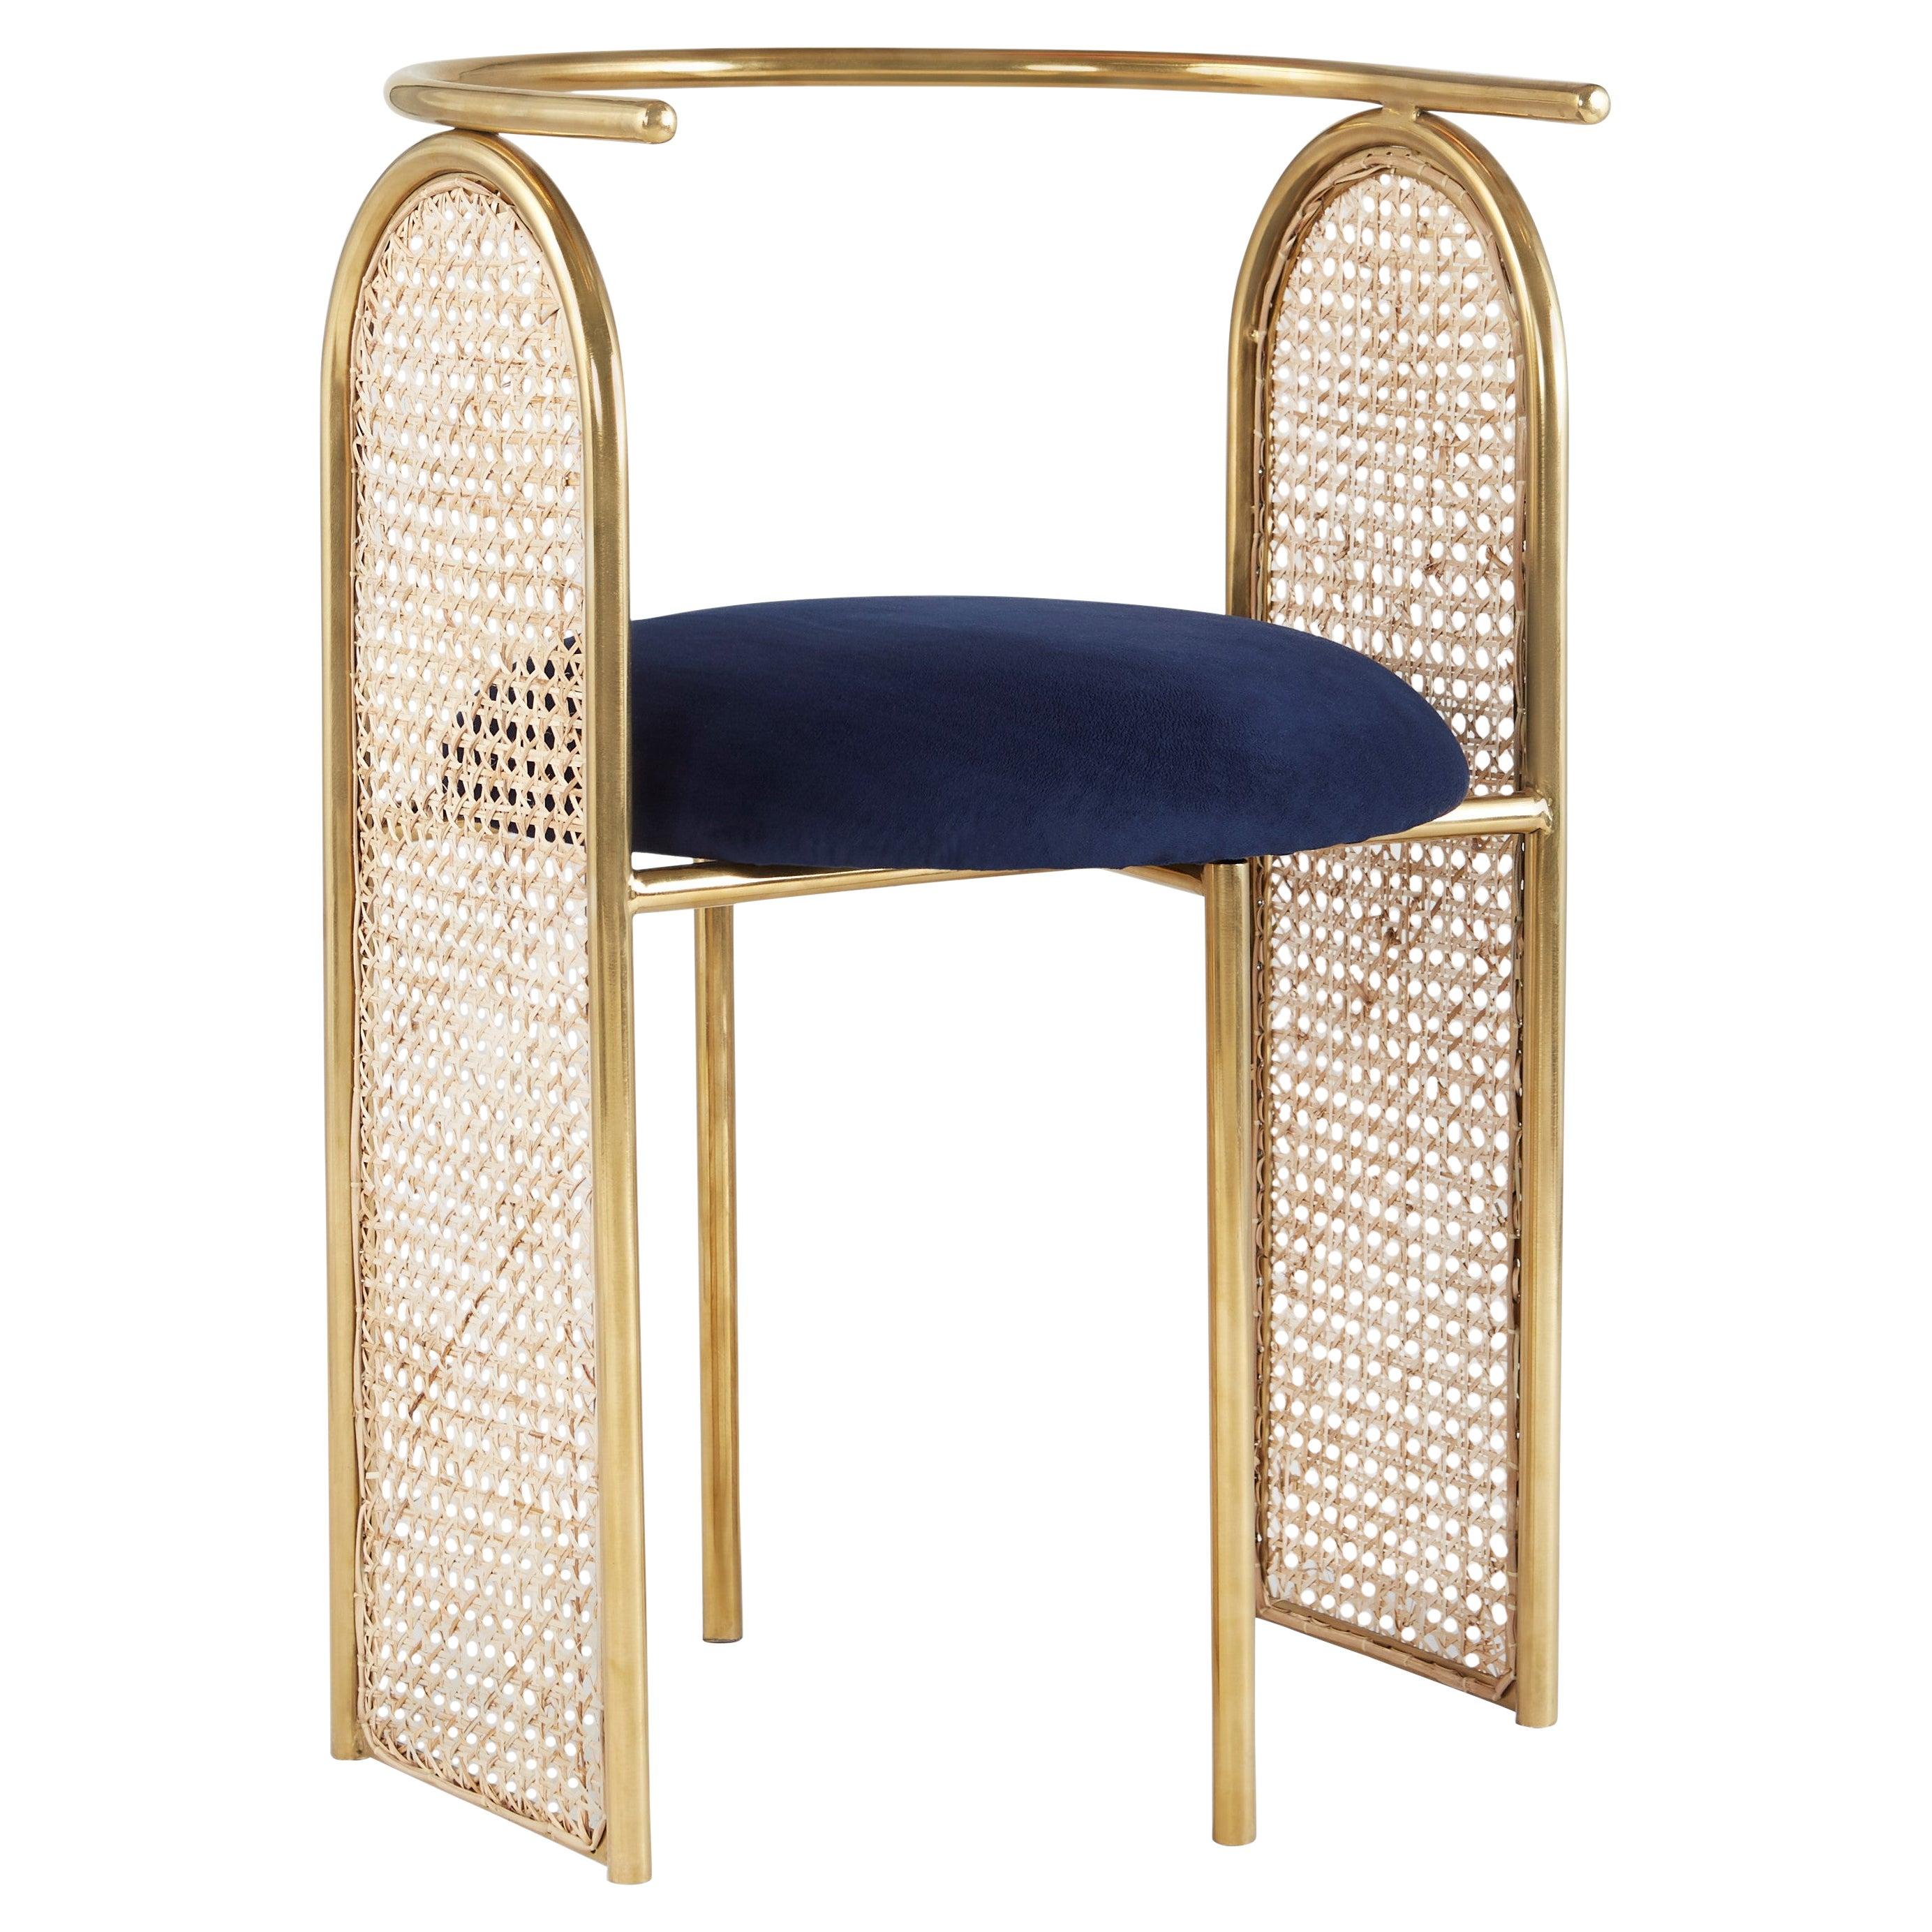 Unique Arco Chair Gold by Saumil Suchak